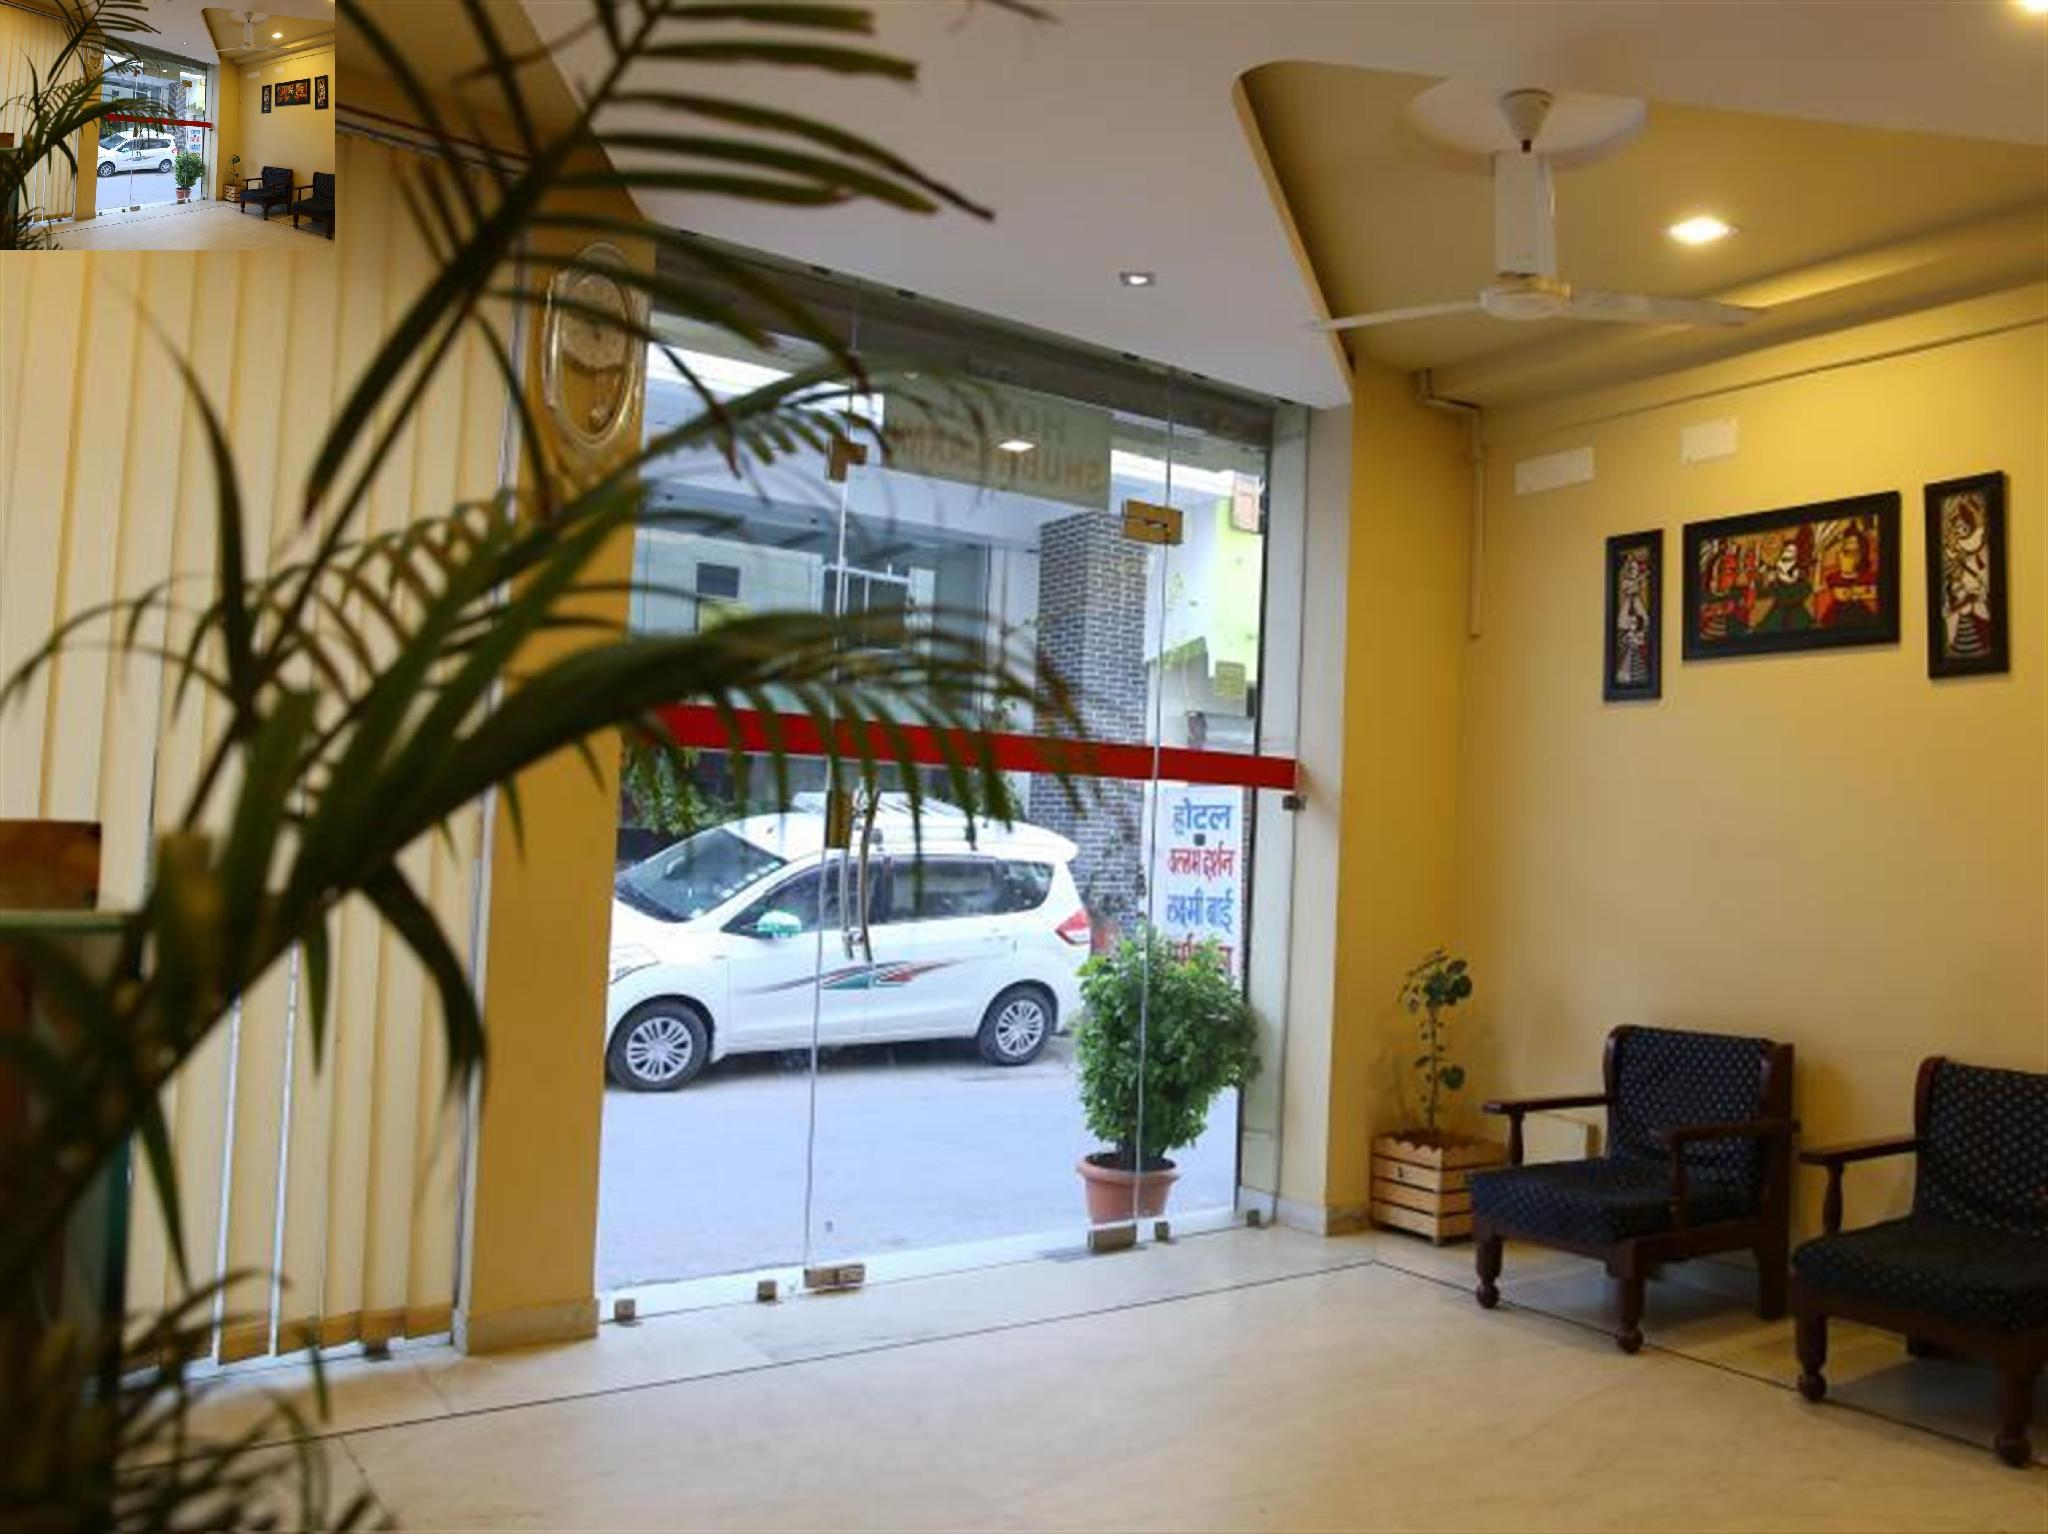 Hotel Shubh Laxmi